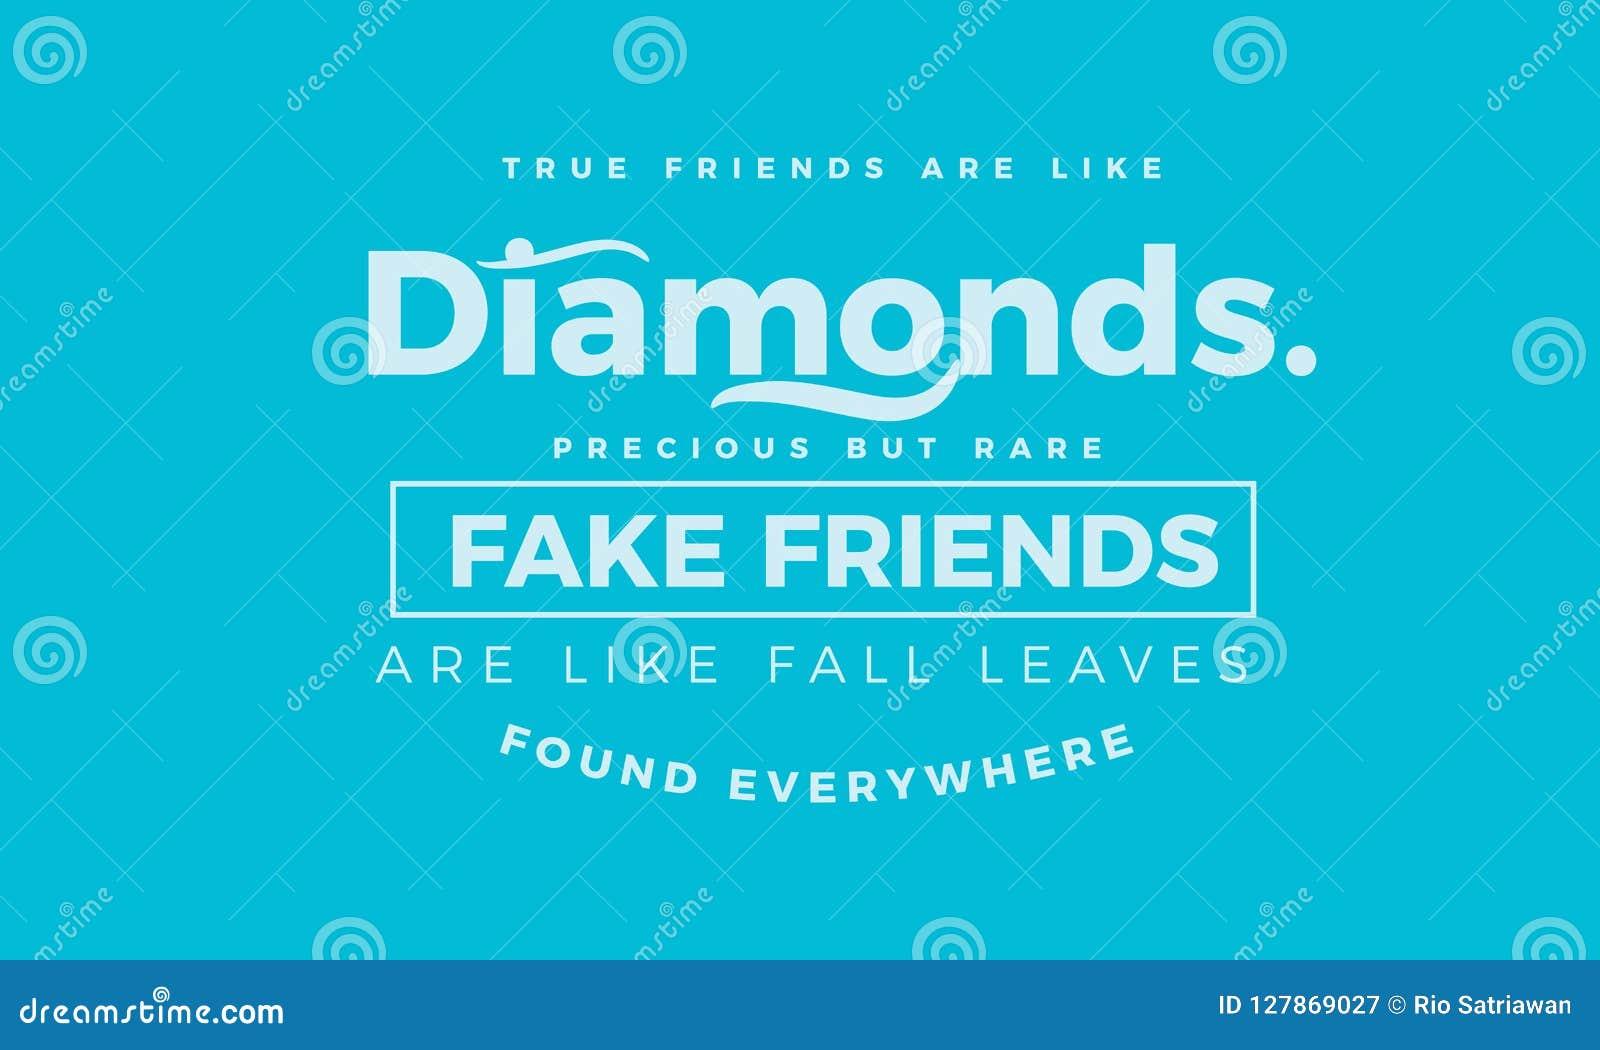 Os amigos verdadeiros são como diamantes muito mas raro